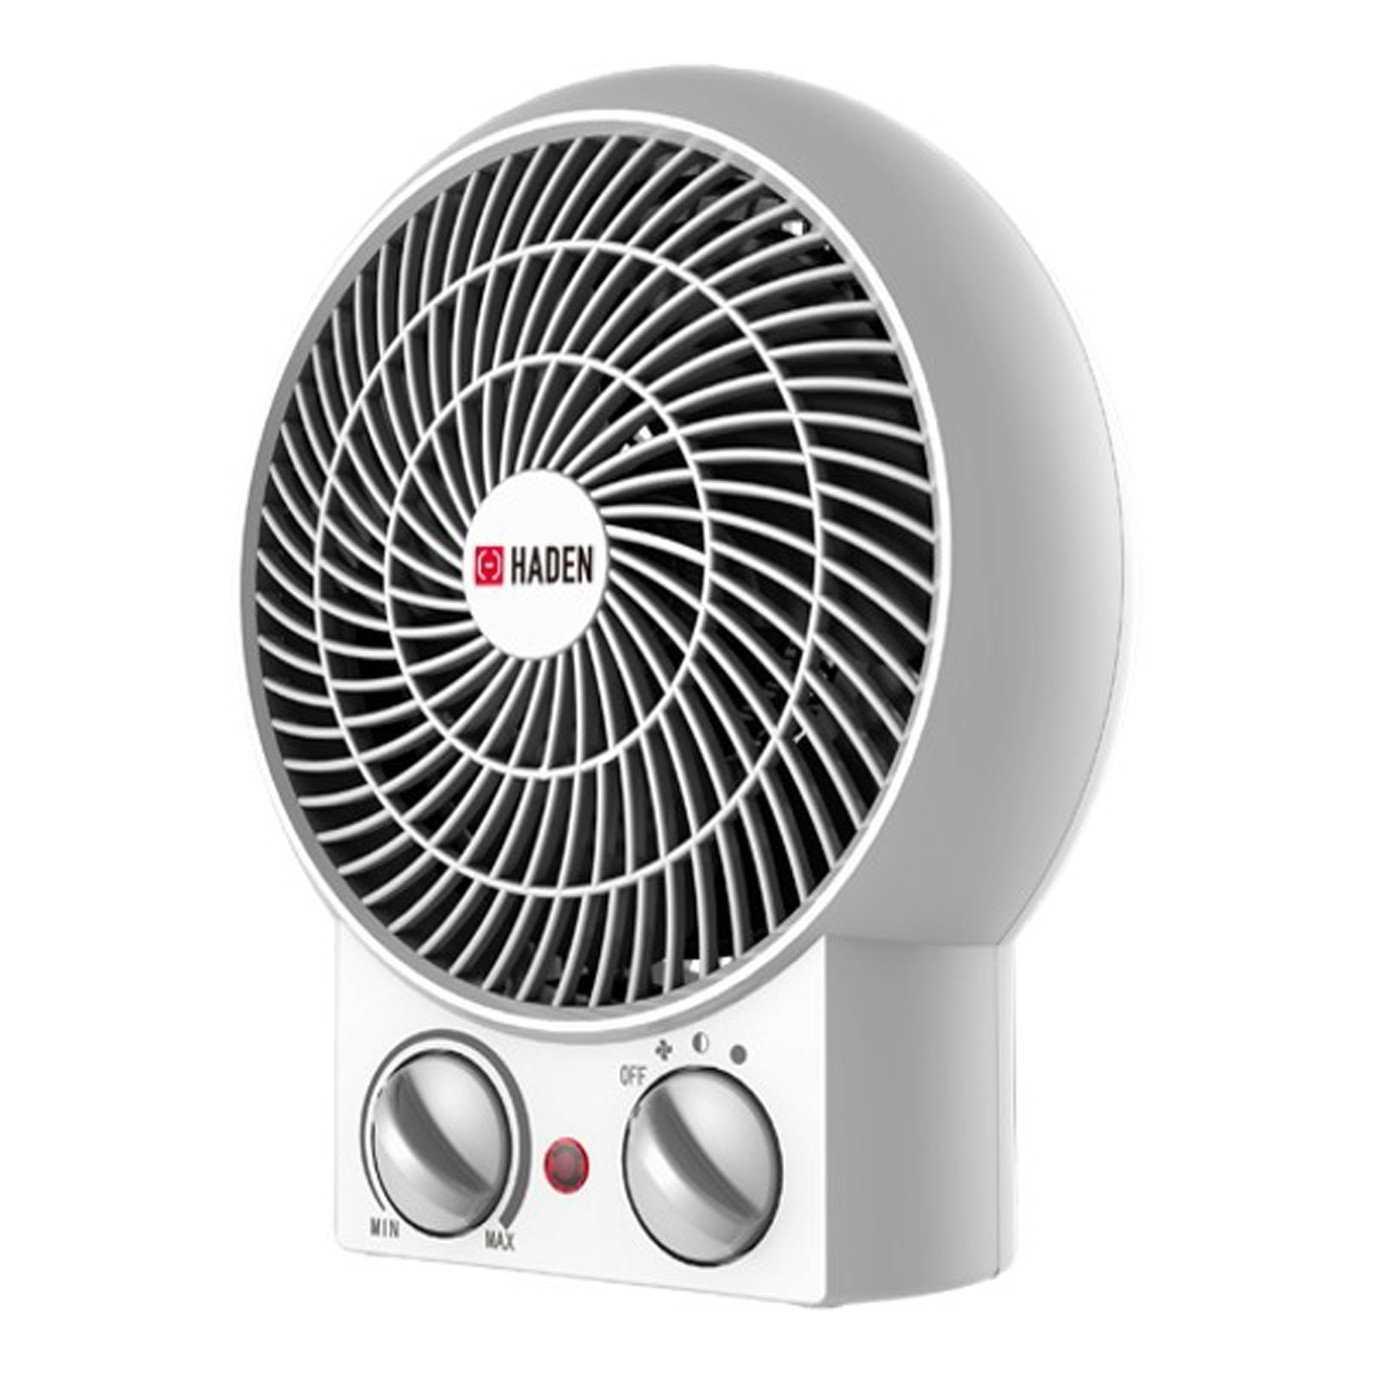 Haden Round Room Heater